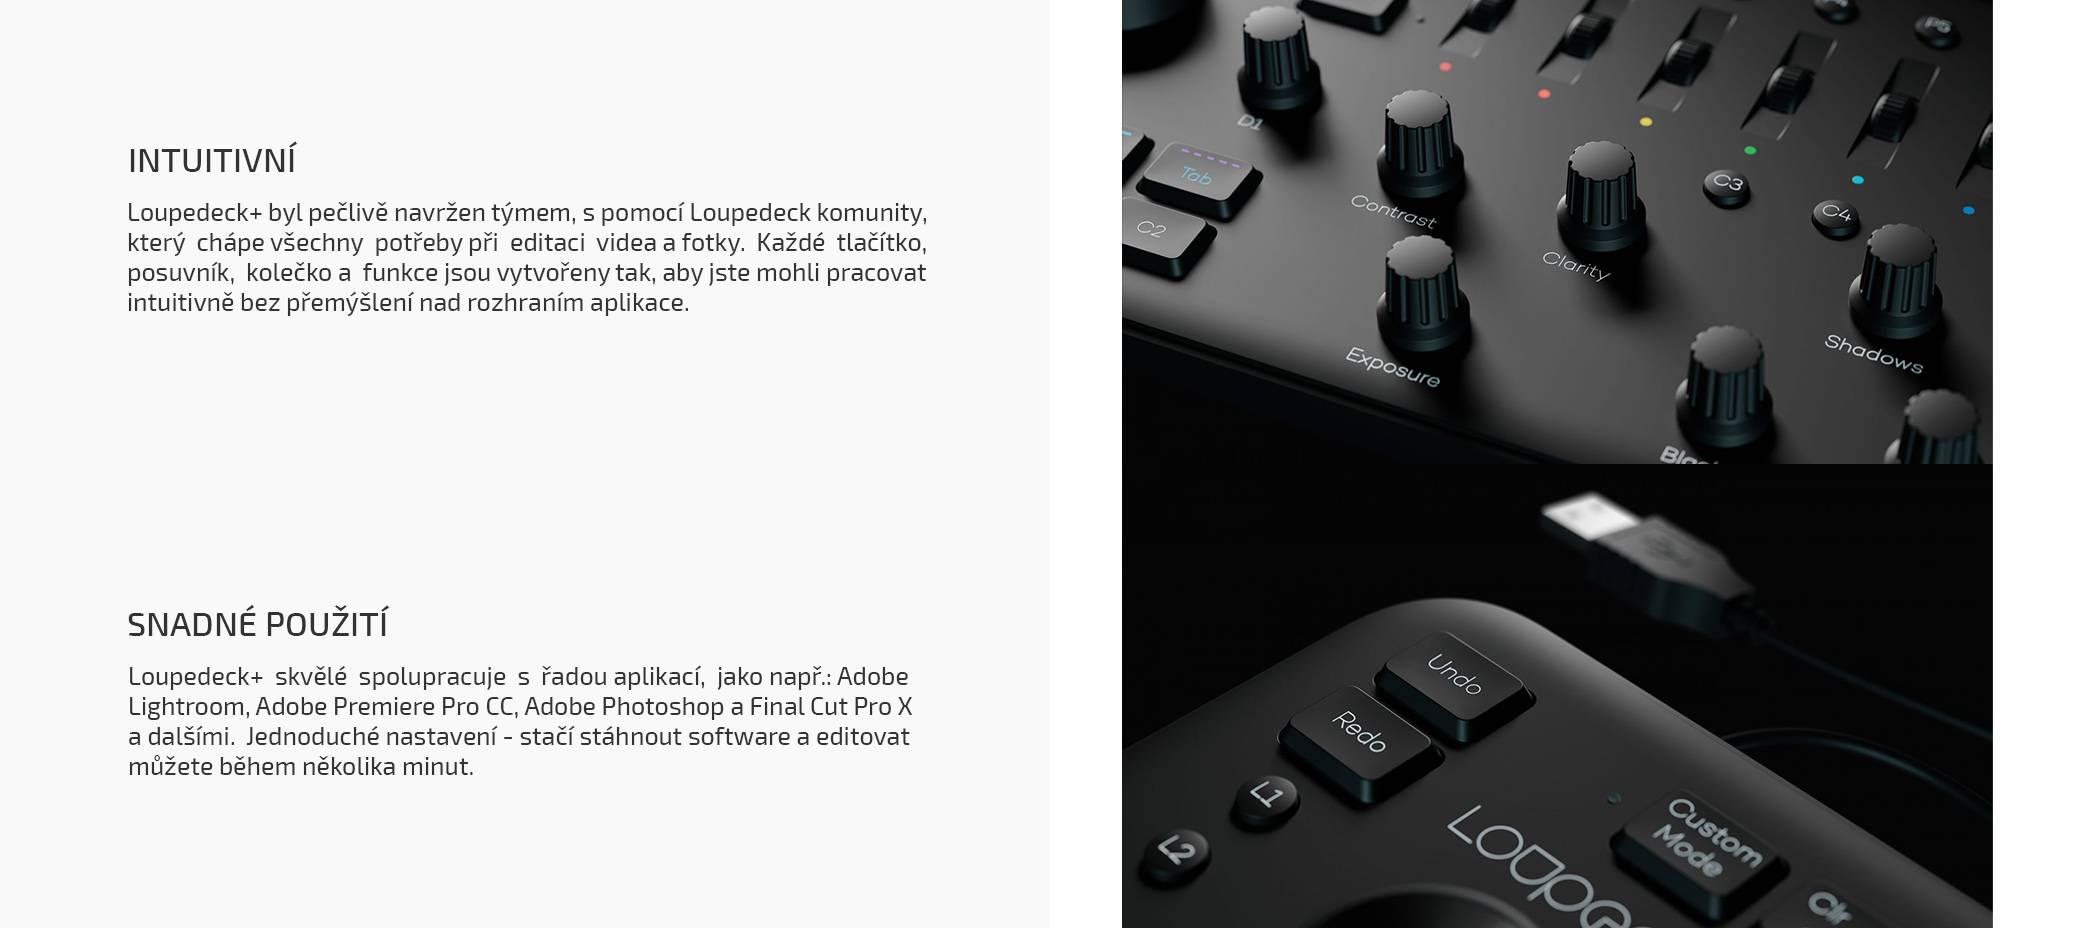 film-technika-loupedeck-plus-konzole-pro-úpravu-fotrk-a-videa-intuitivní